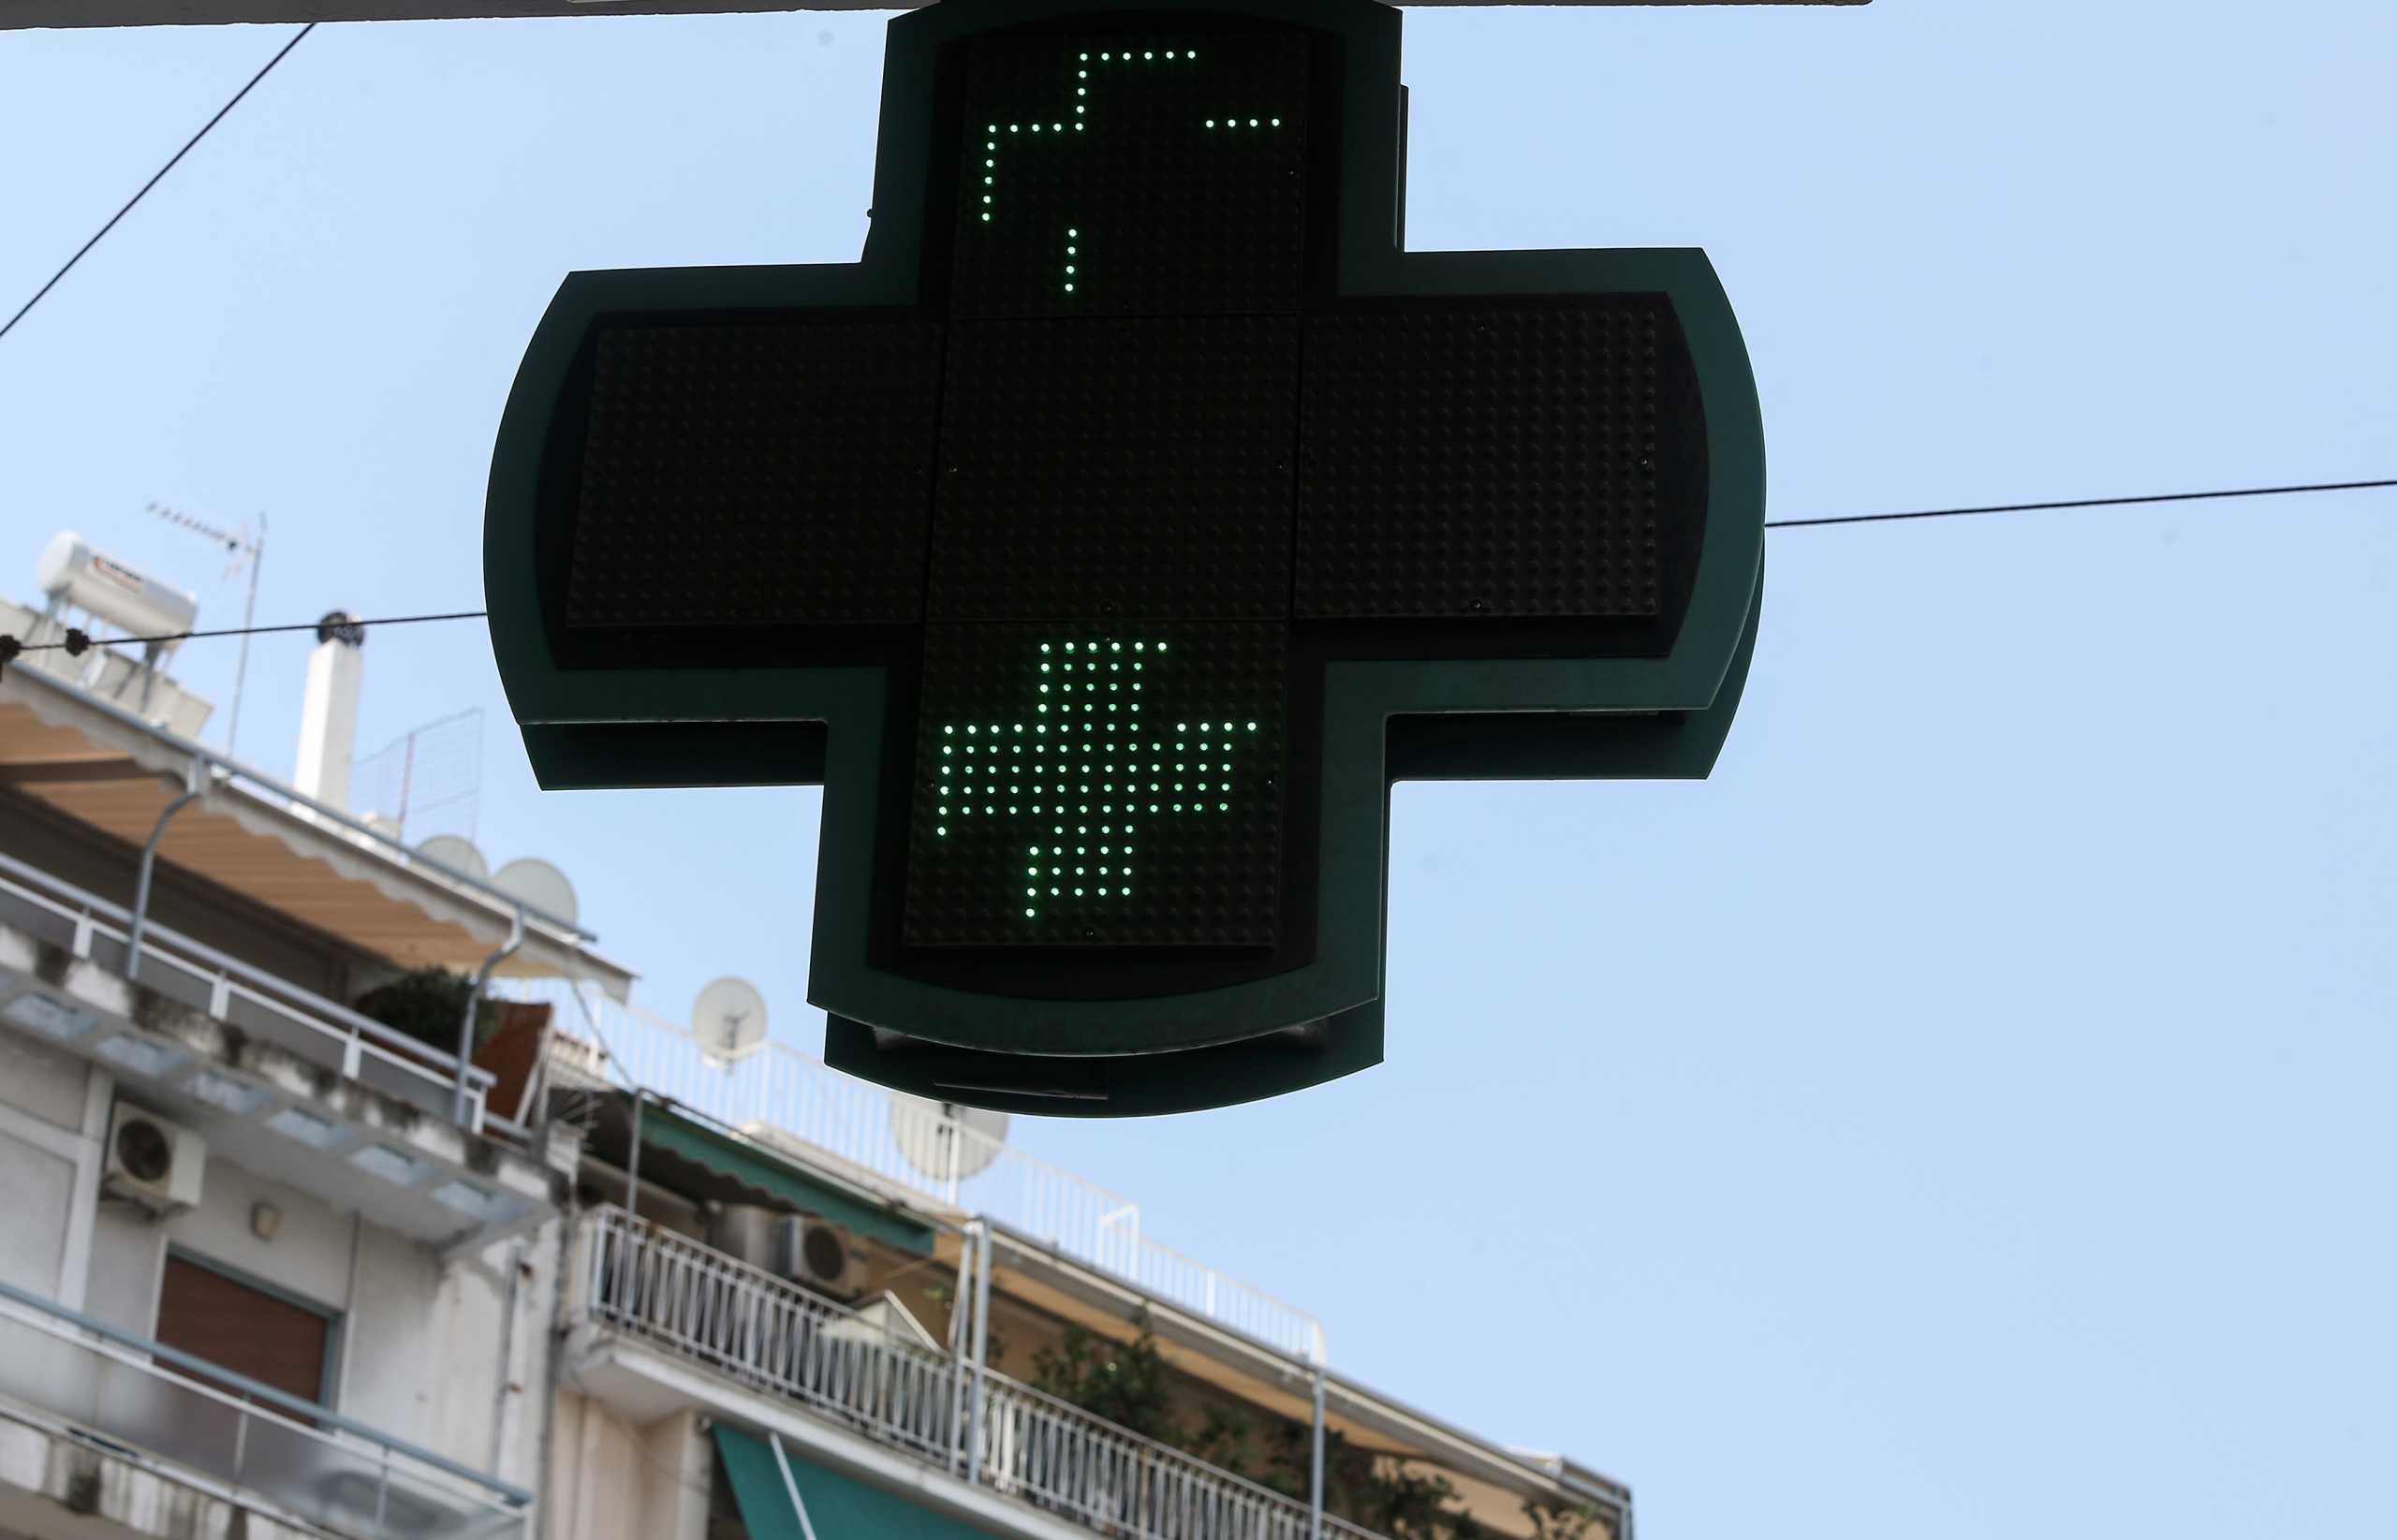 Φαρμακεία ΕΟΠΥΥ: Θα εξυπηρετούν μόνο επείγοντα περιστατικά στην Αττική